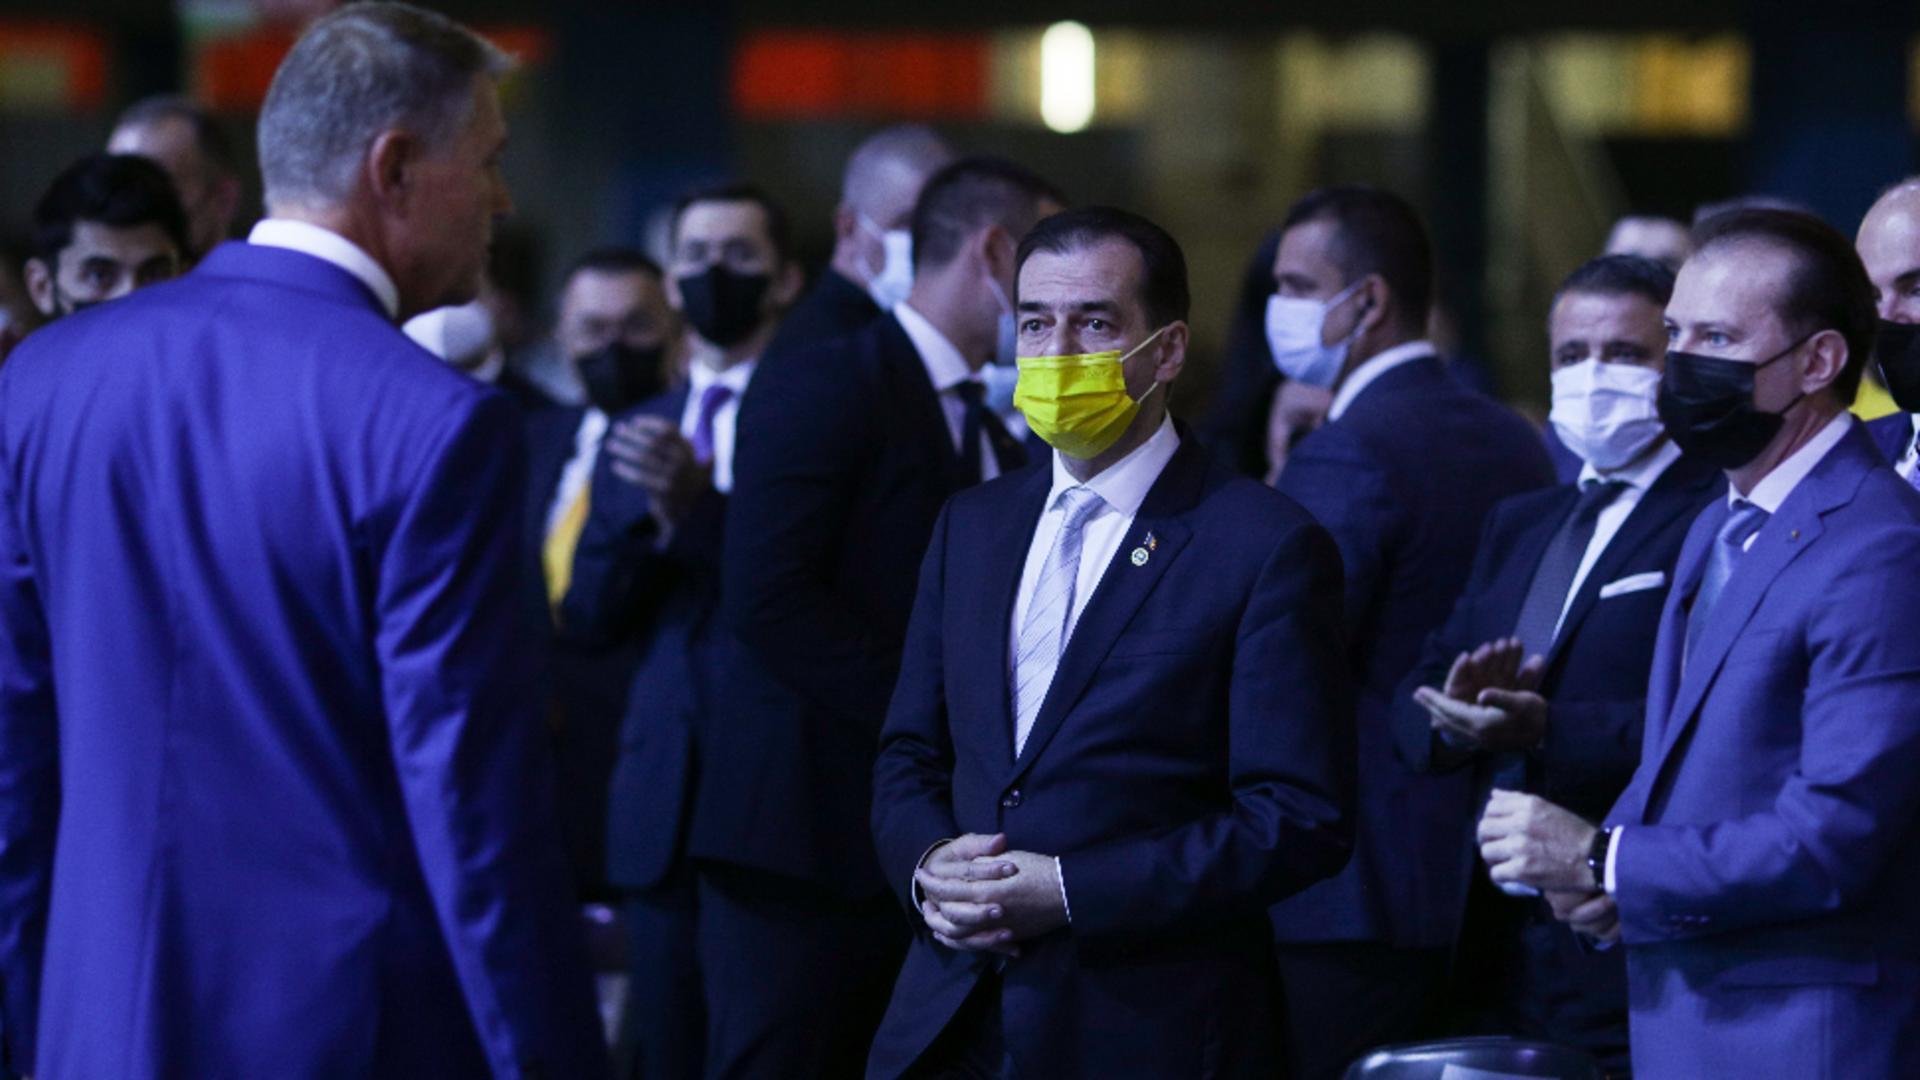 Cine va prelua şefia Camerei Deputaţilor, după demisia lui Ludovic Orban / Foto: Inquam Photos